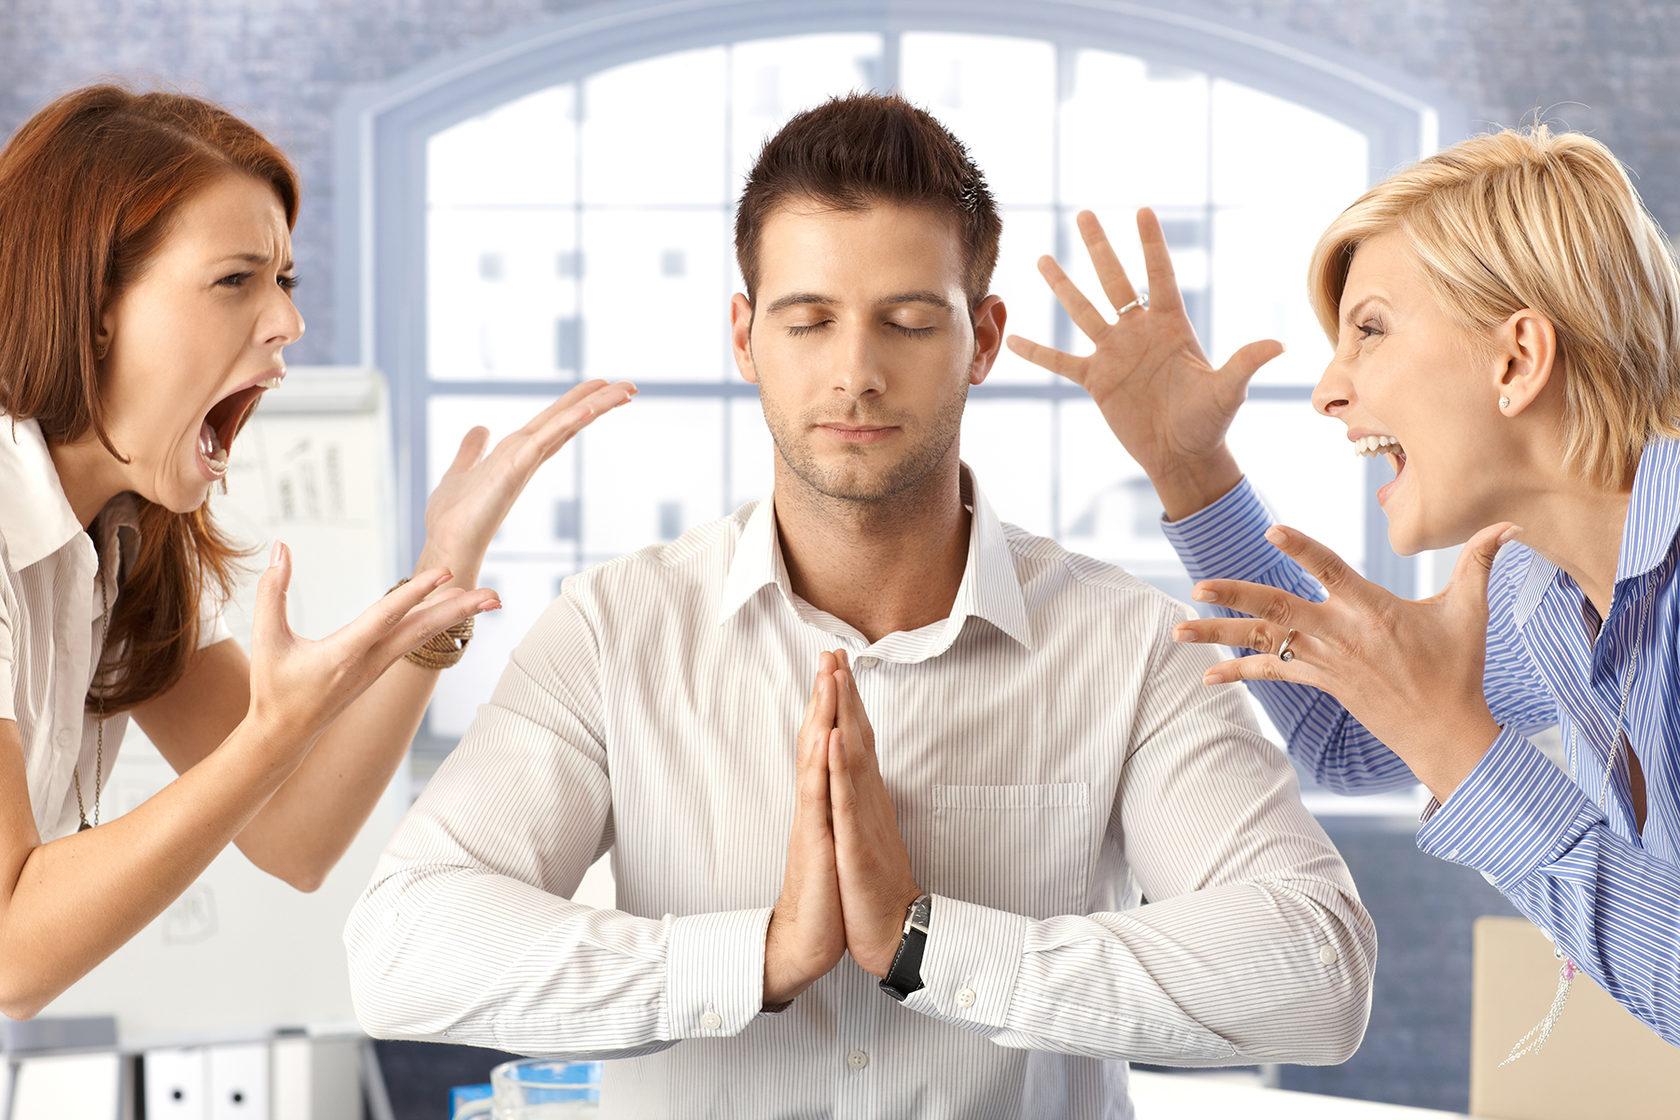 Cách kiểm soát cảm xúc hiệu quả khi làm việc để dễ dàng thành công hơn –  BizUni Kiến Thức Quản Trị